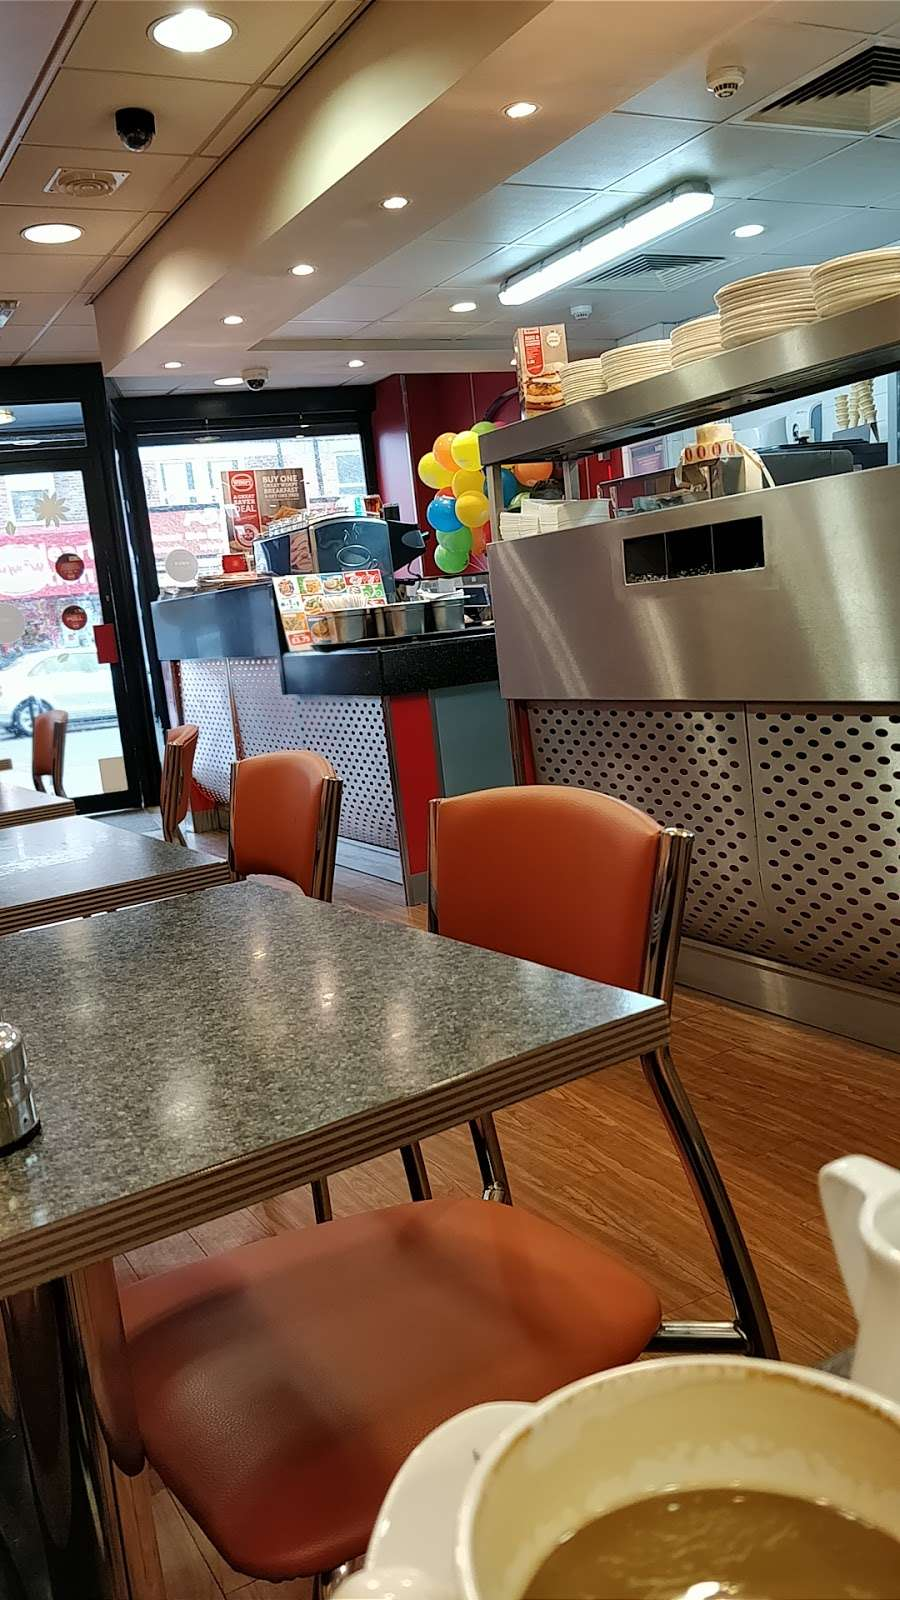 Wimpy - restaurant  | Photo 1 of 10 | Address: 95 High St, Eltham, London SE9 1TD, UK | Phone: 020 8850 8801